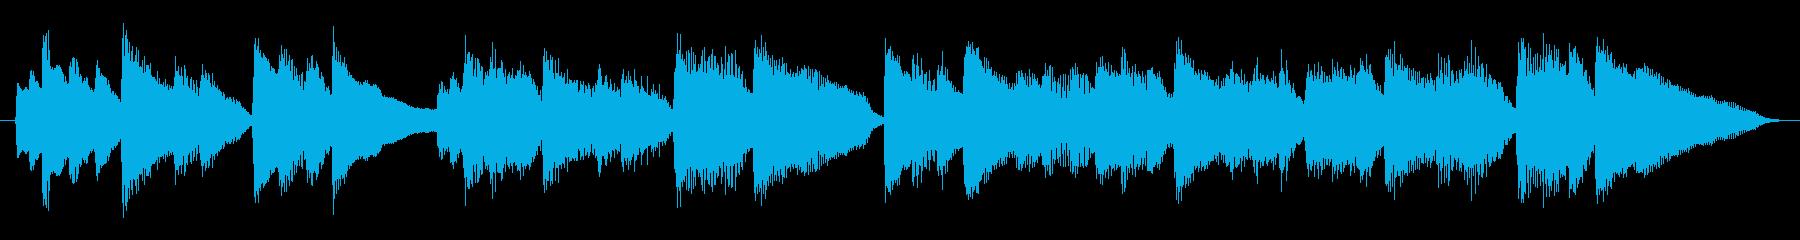 ピアノ、爽やかなショートジングルの再生済みの波形